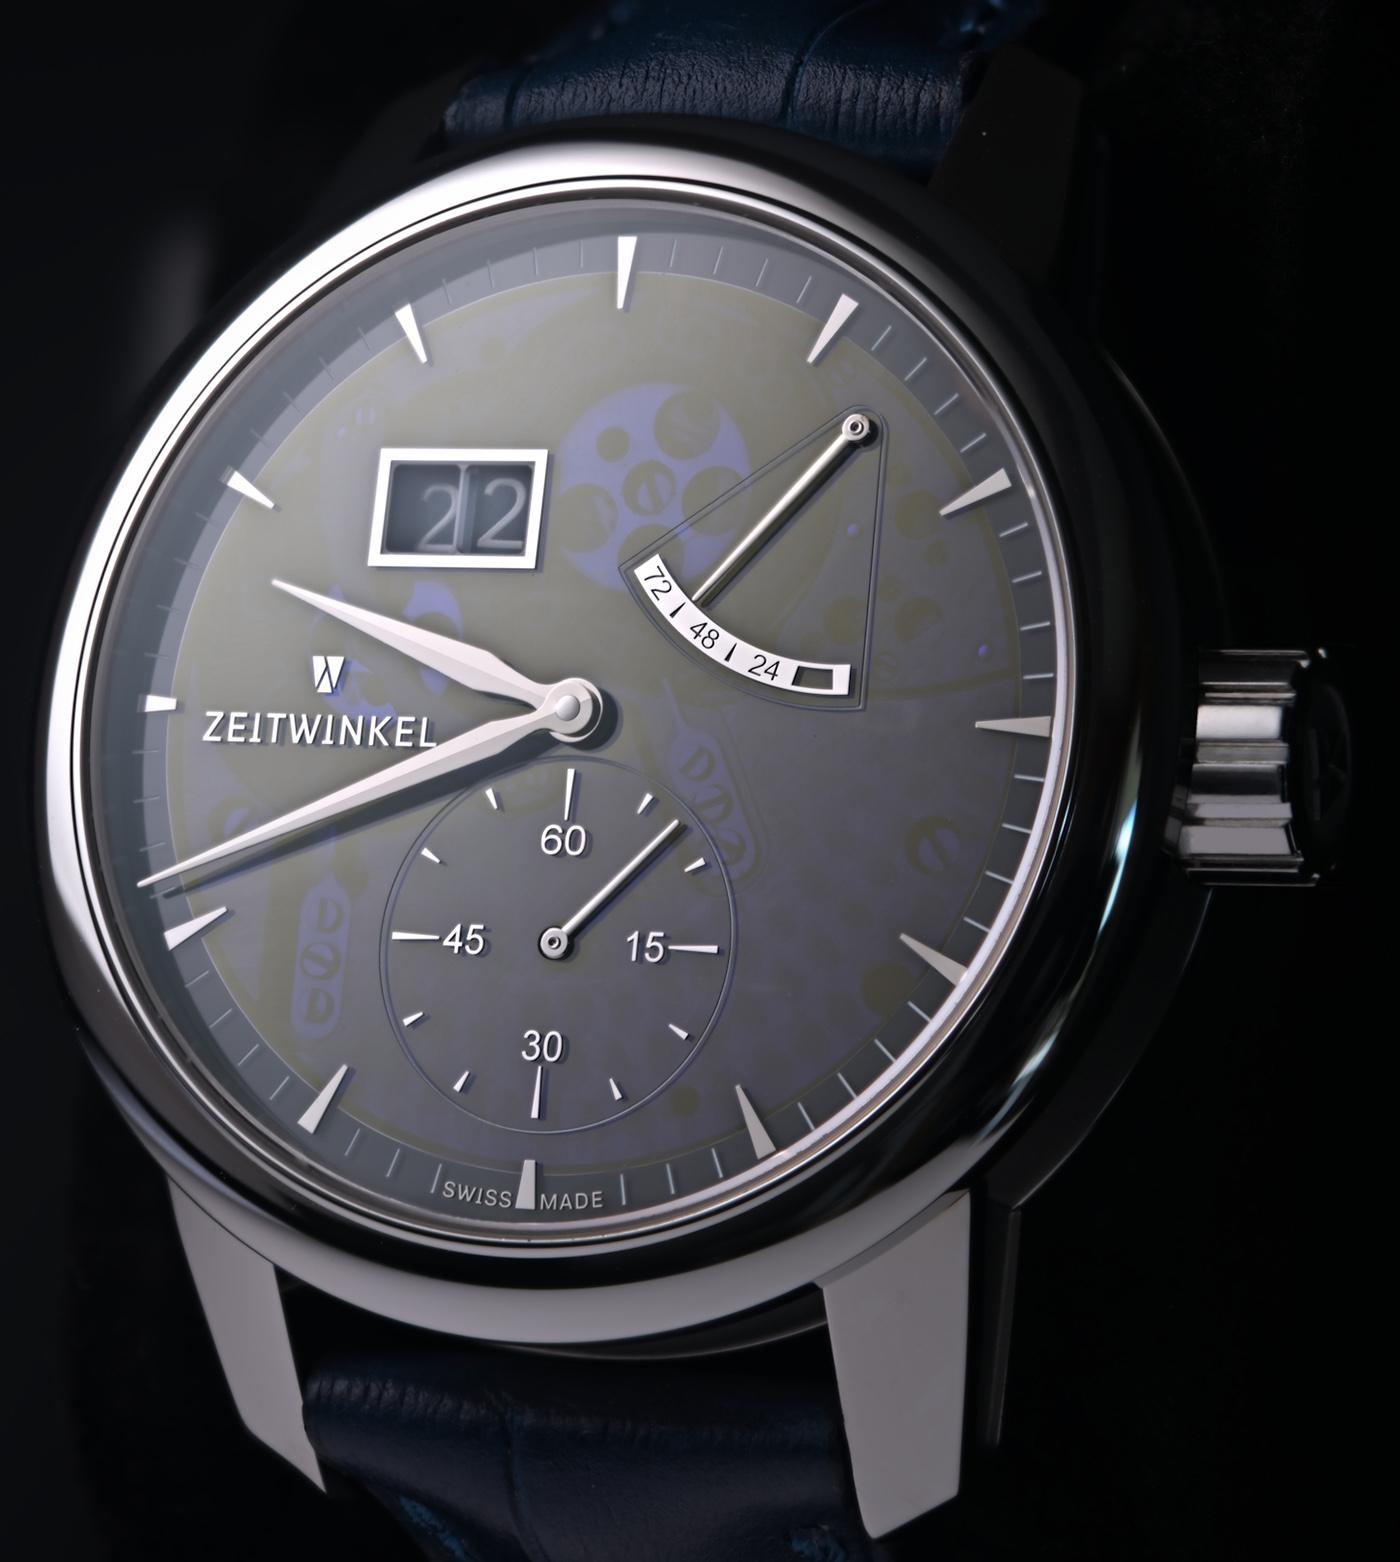 Zeitwinkel представляет часы 273 ° Saphir Bleu